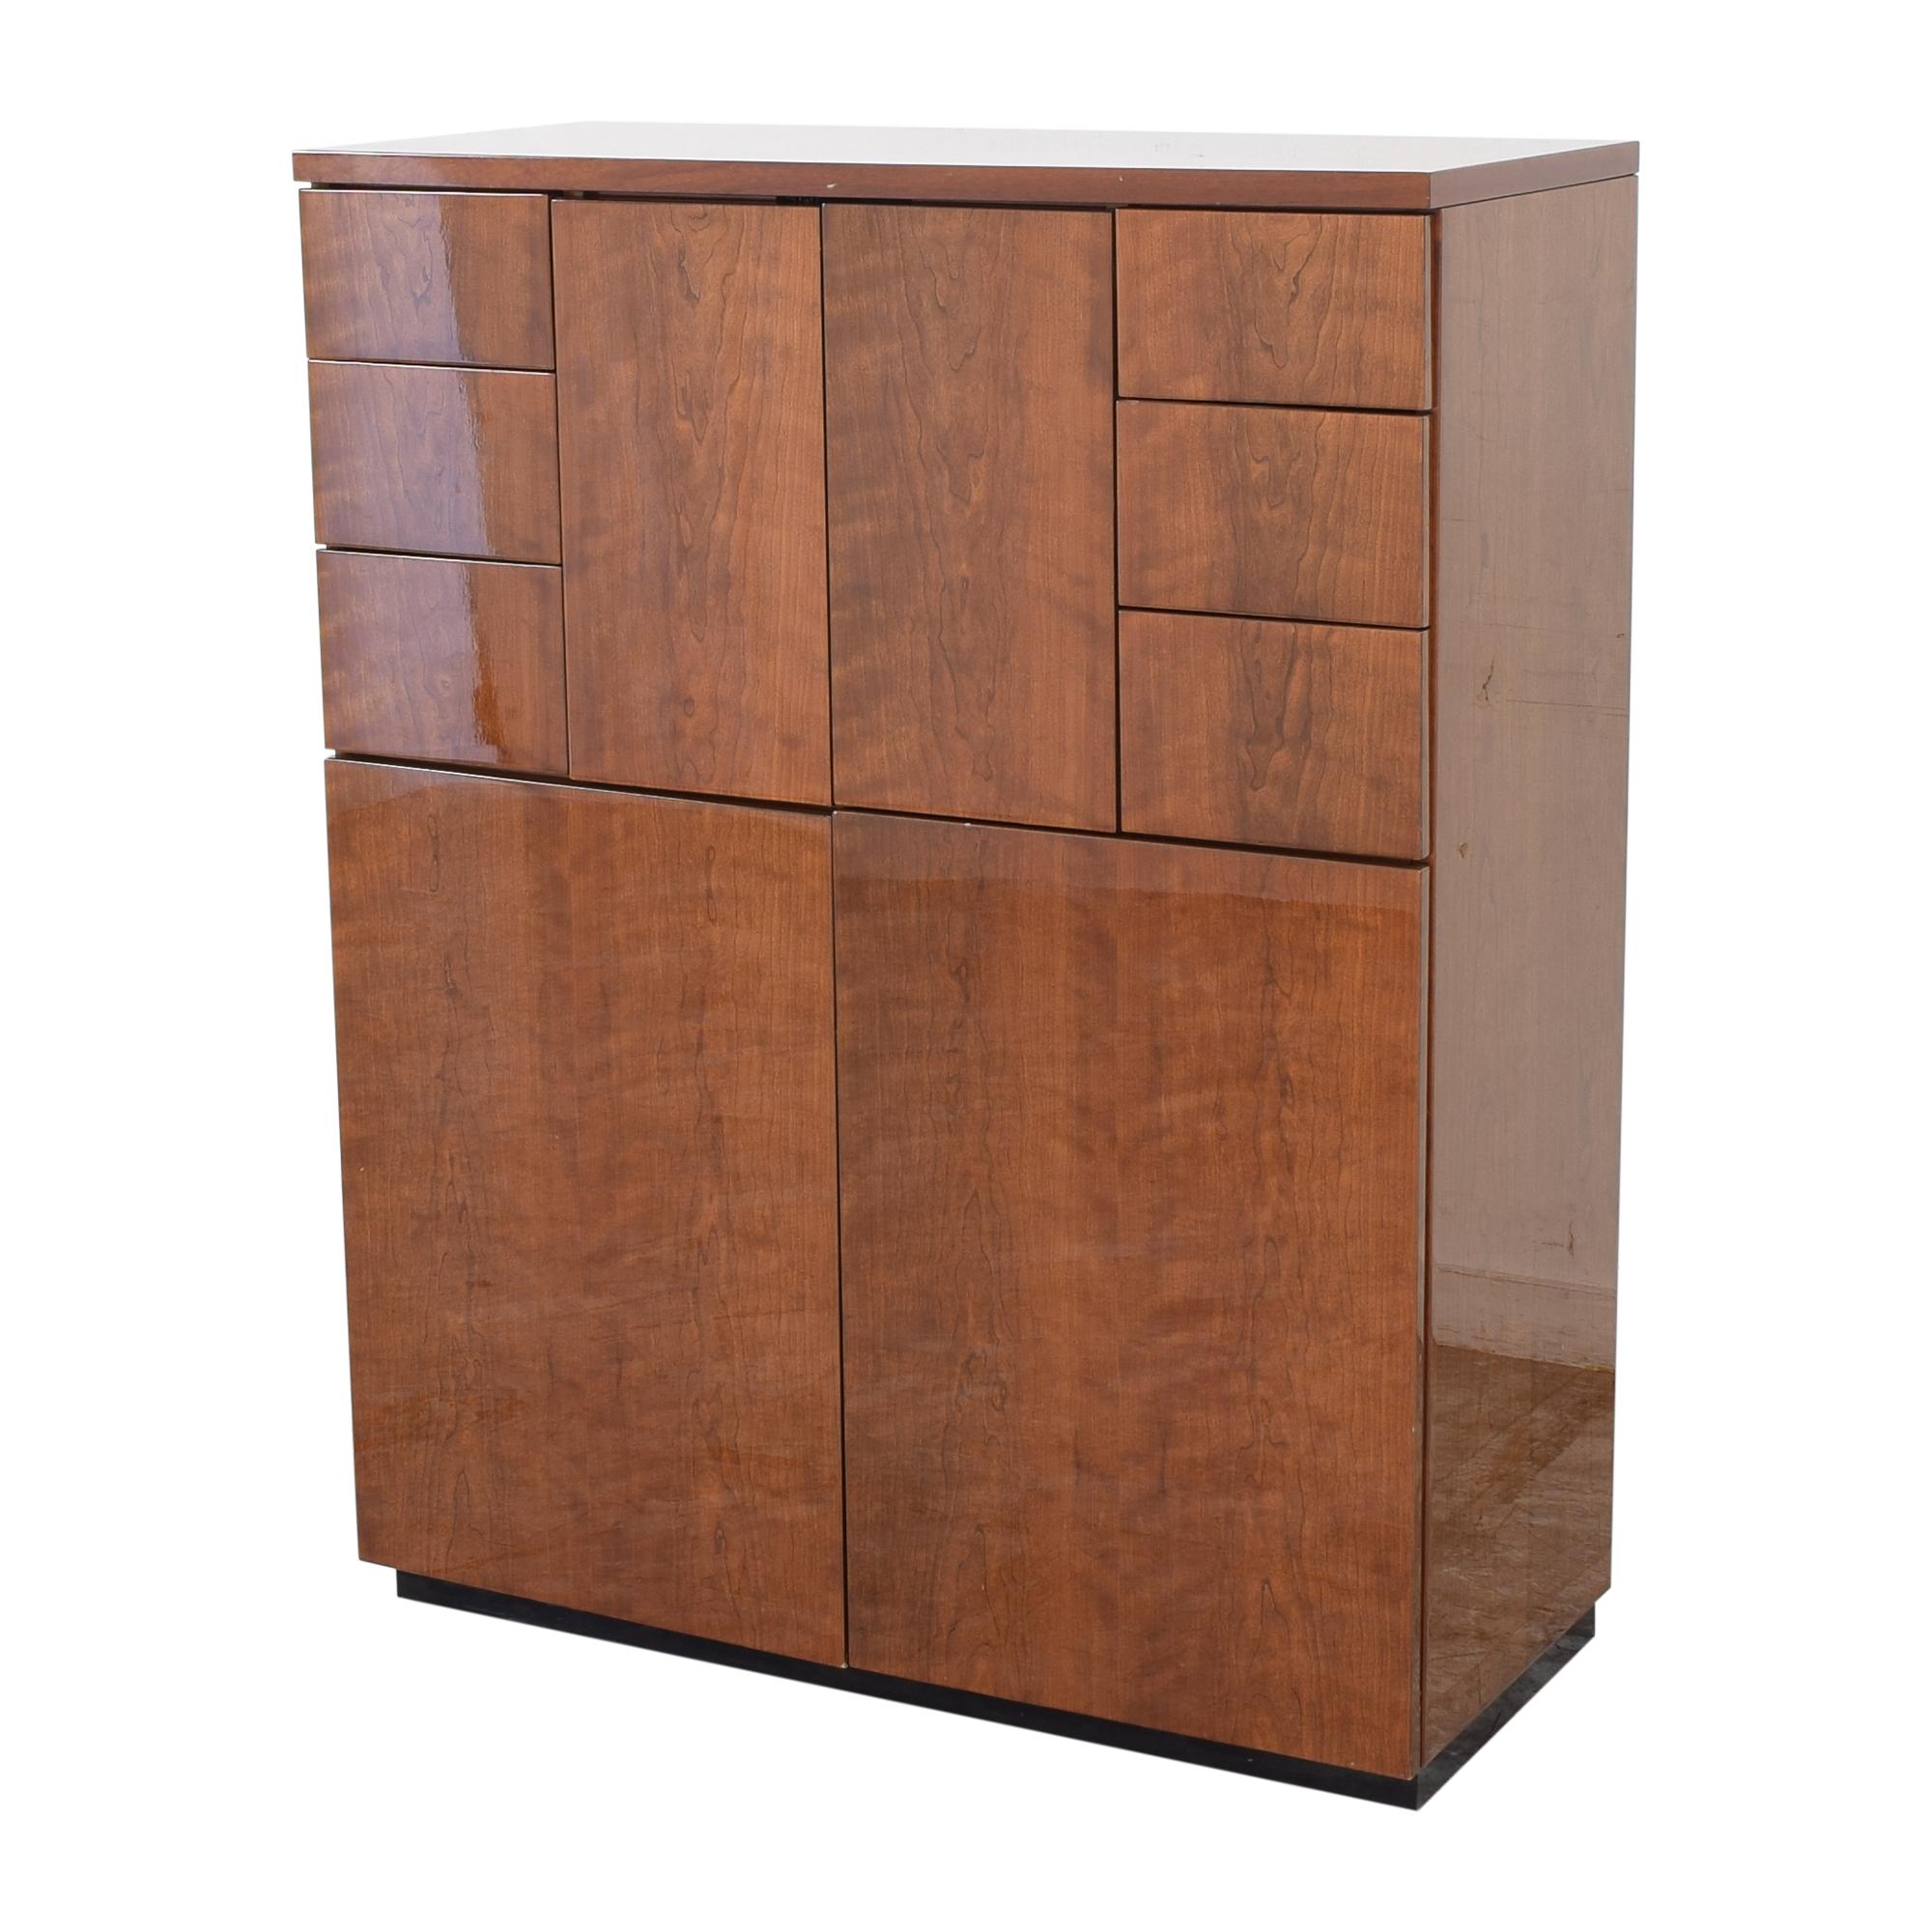 Henredon Furniture Storage Chest / Wardrobes & Armoires